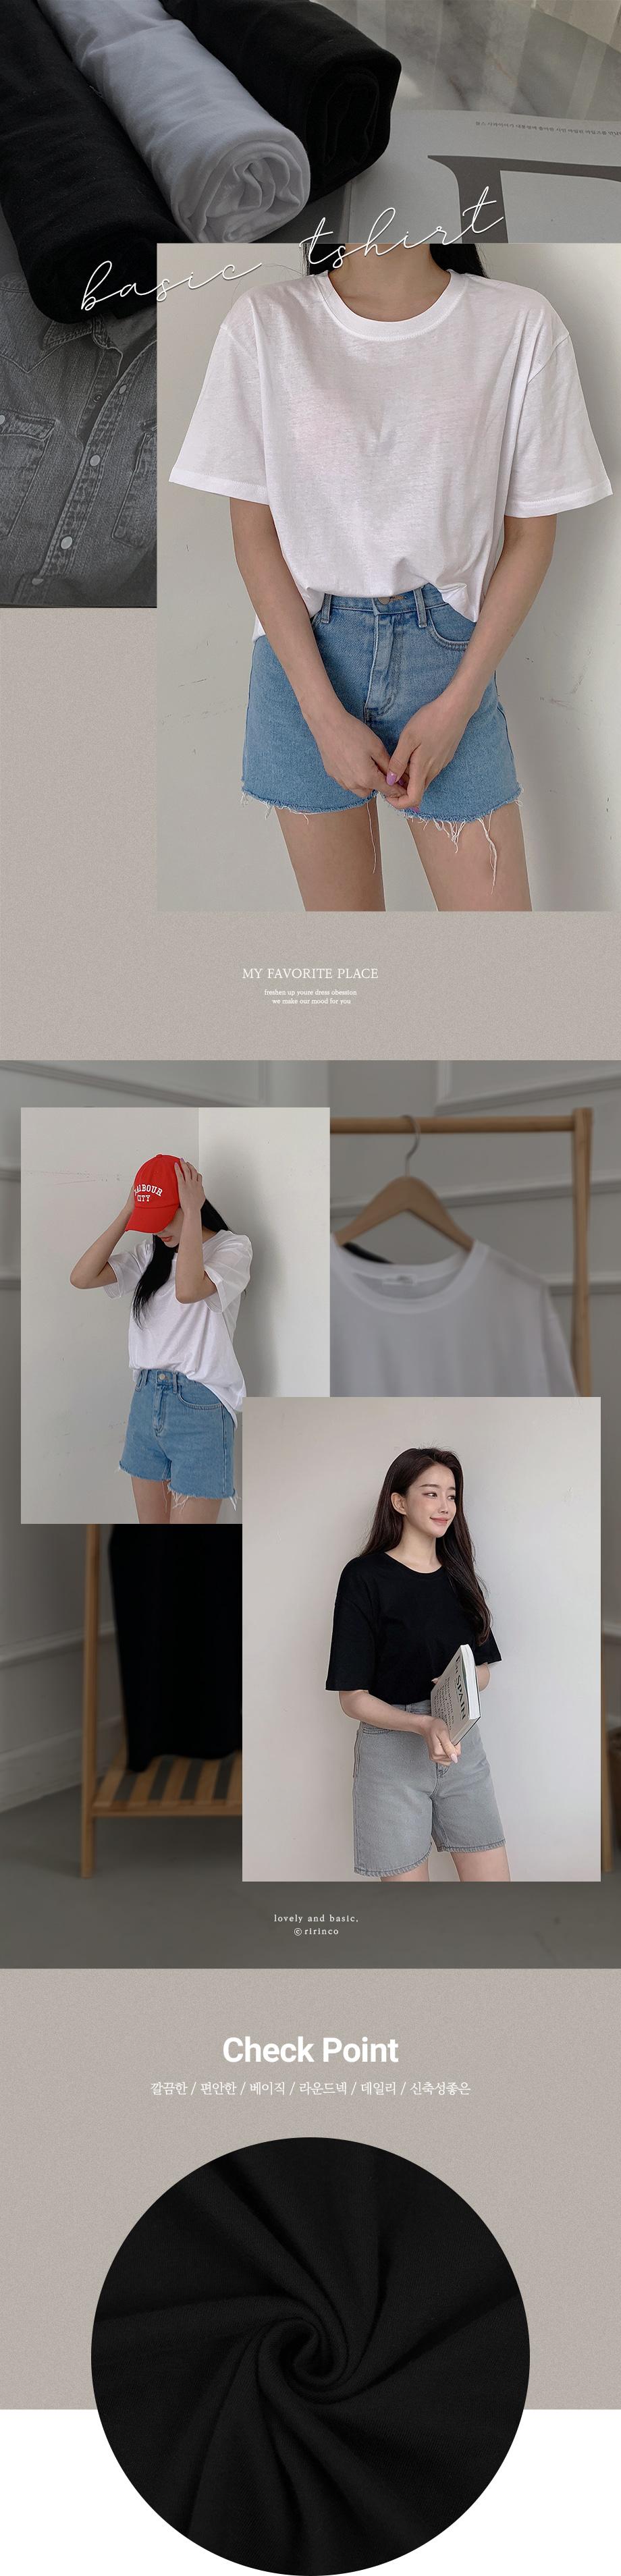 리리앤코 심플박스3종 티셔츠